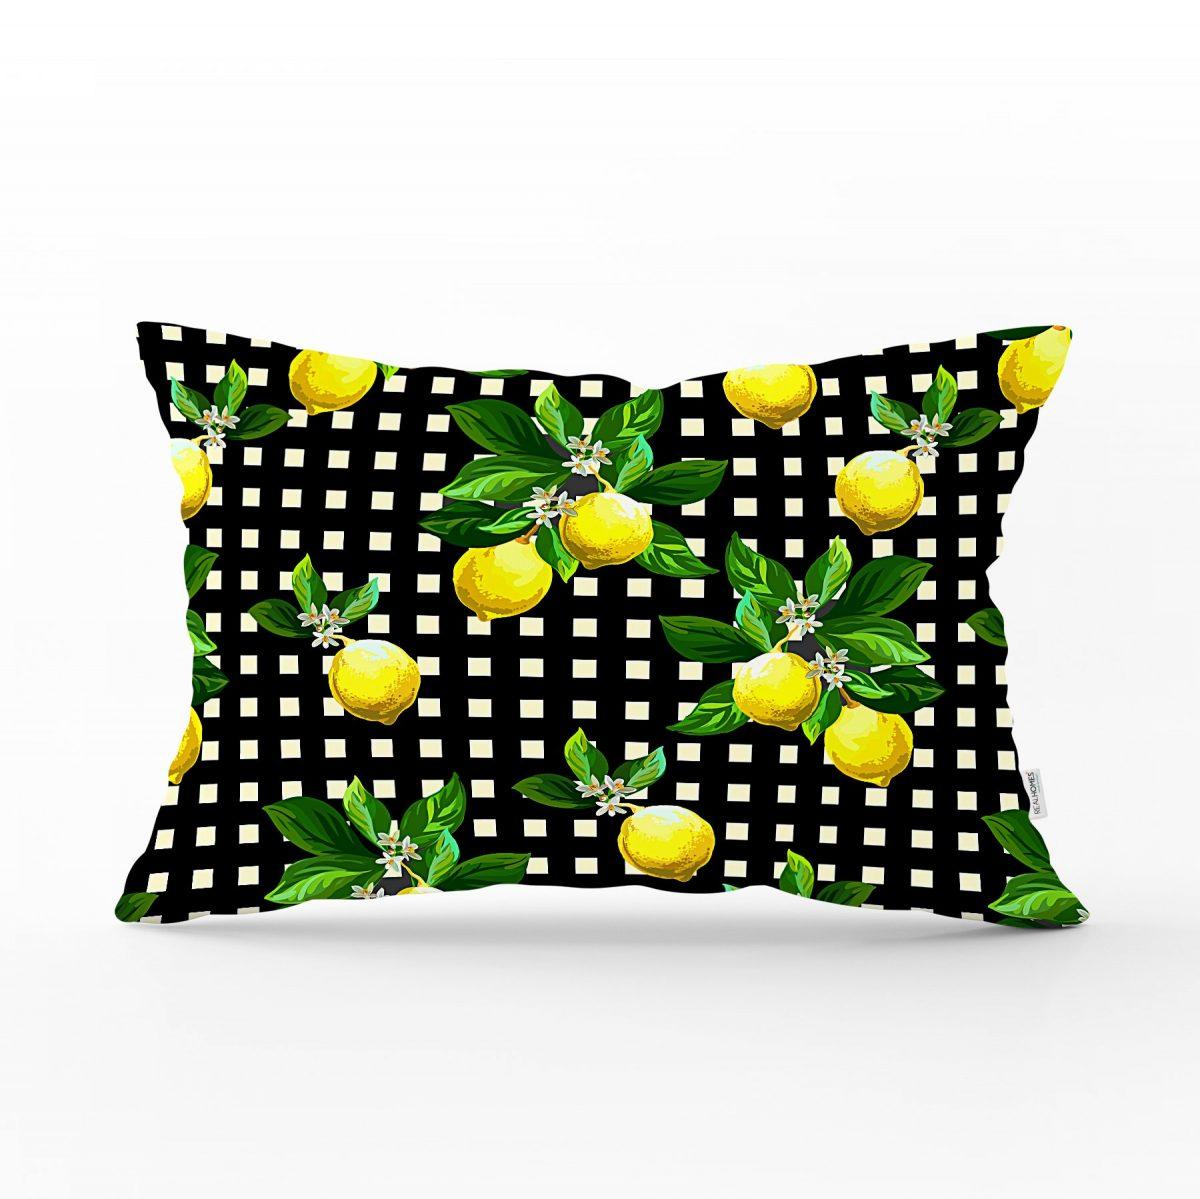 Siyah Zeminde Ekose Desenli Limon Baskılı Dekoratif Dikdörtgen Yastık Kılıfı Realhomes